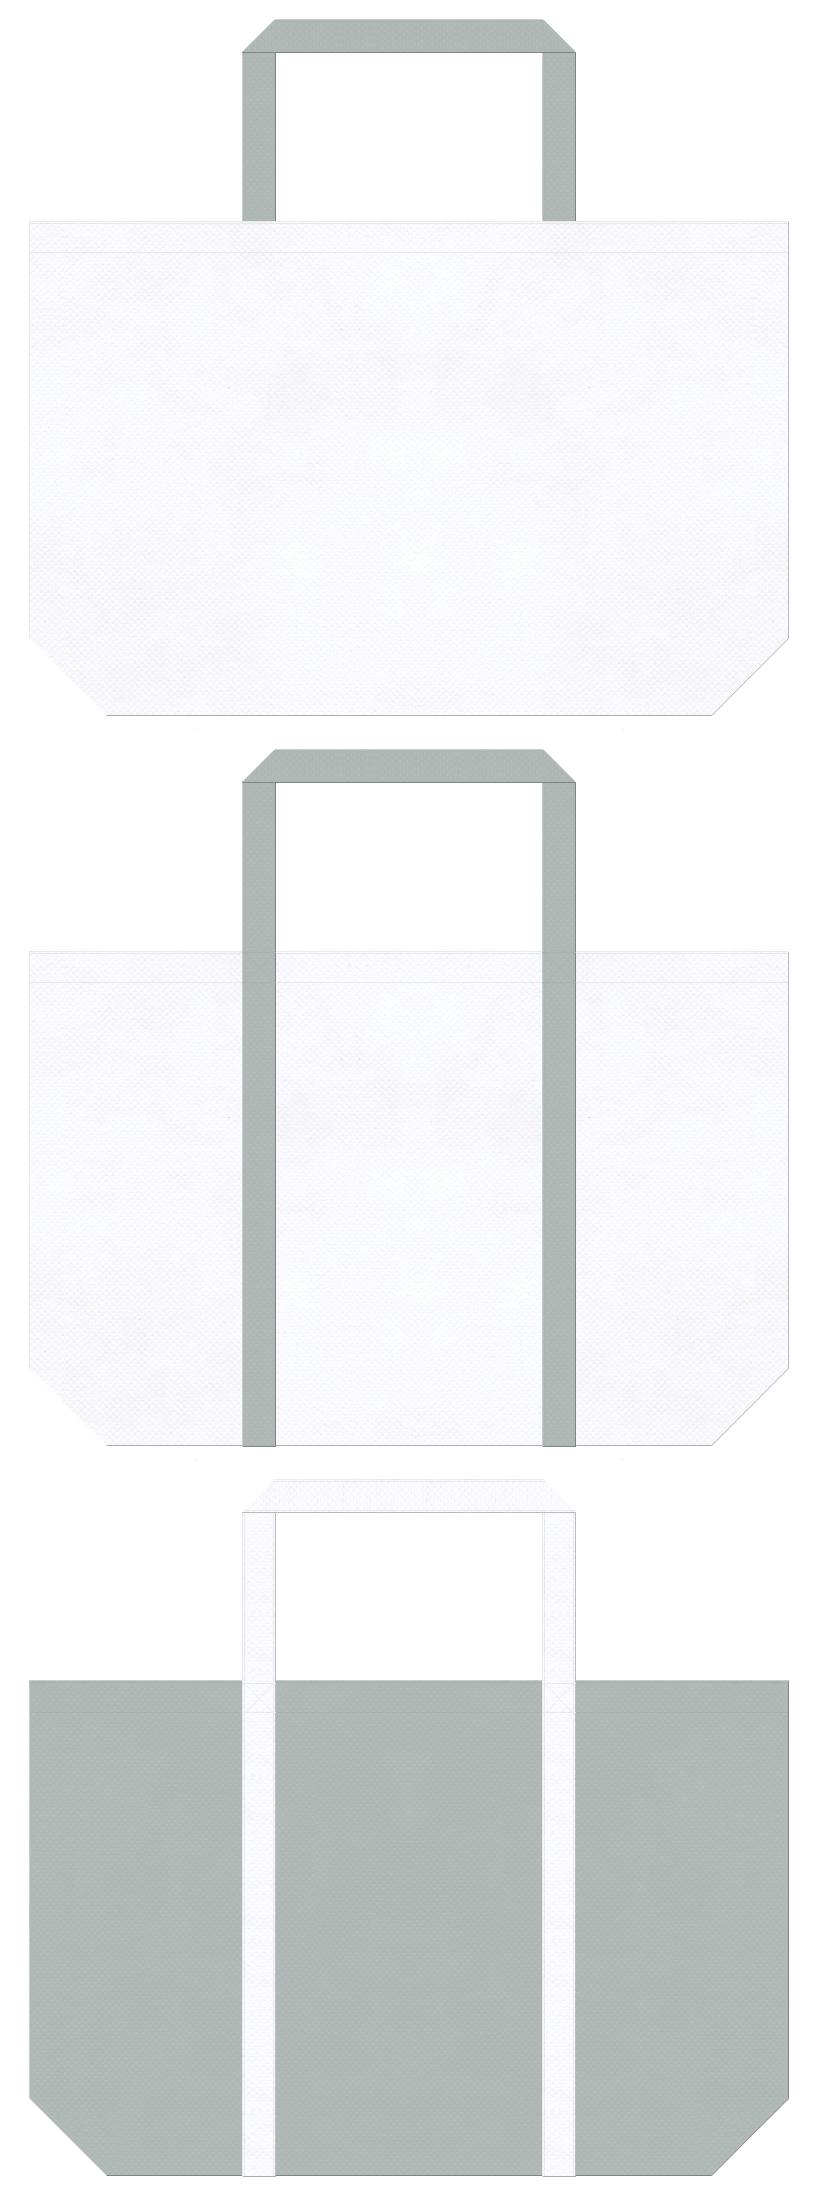 白色とグレー色の不織布バッグデザイン:白衣のショッピングバッグにお奨めです。